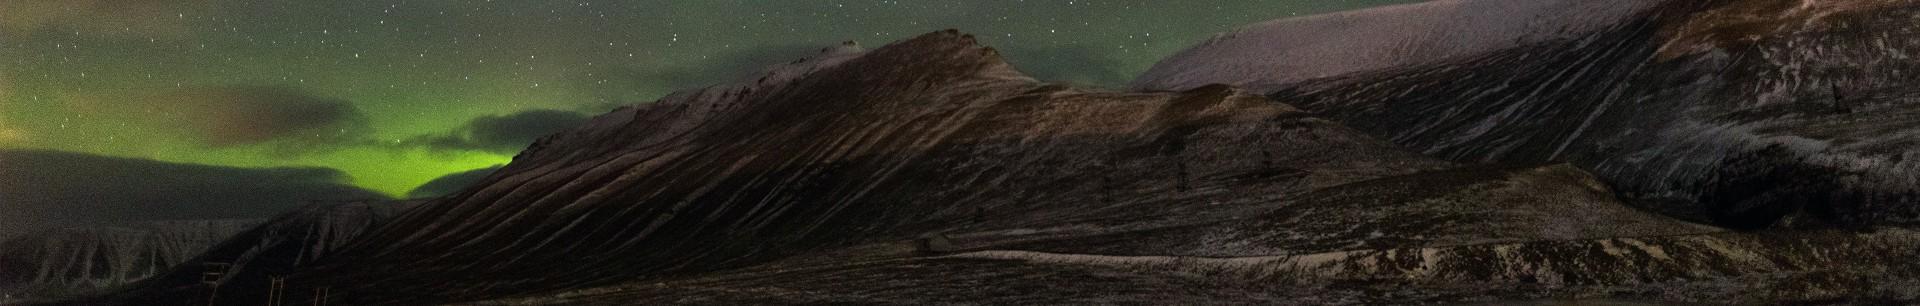 Spitzbergen-Kalender: ein Stück Arktis an der Wand. Mit Spitzbergen durch das Jahr!